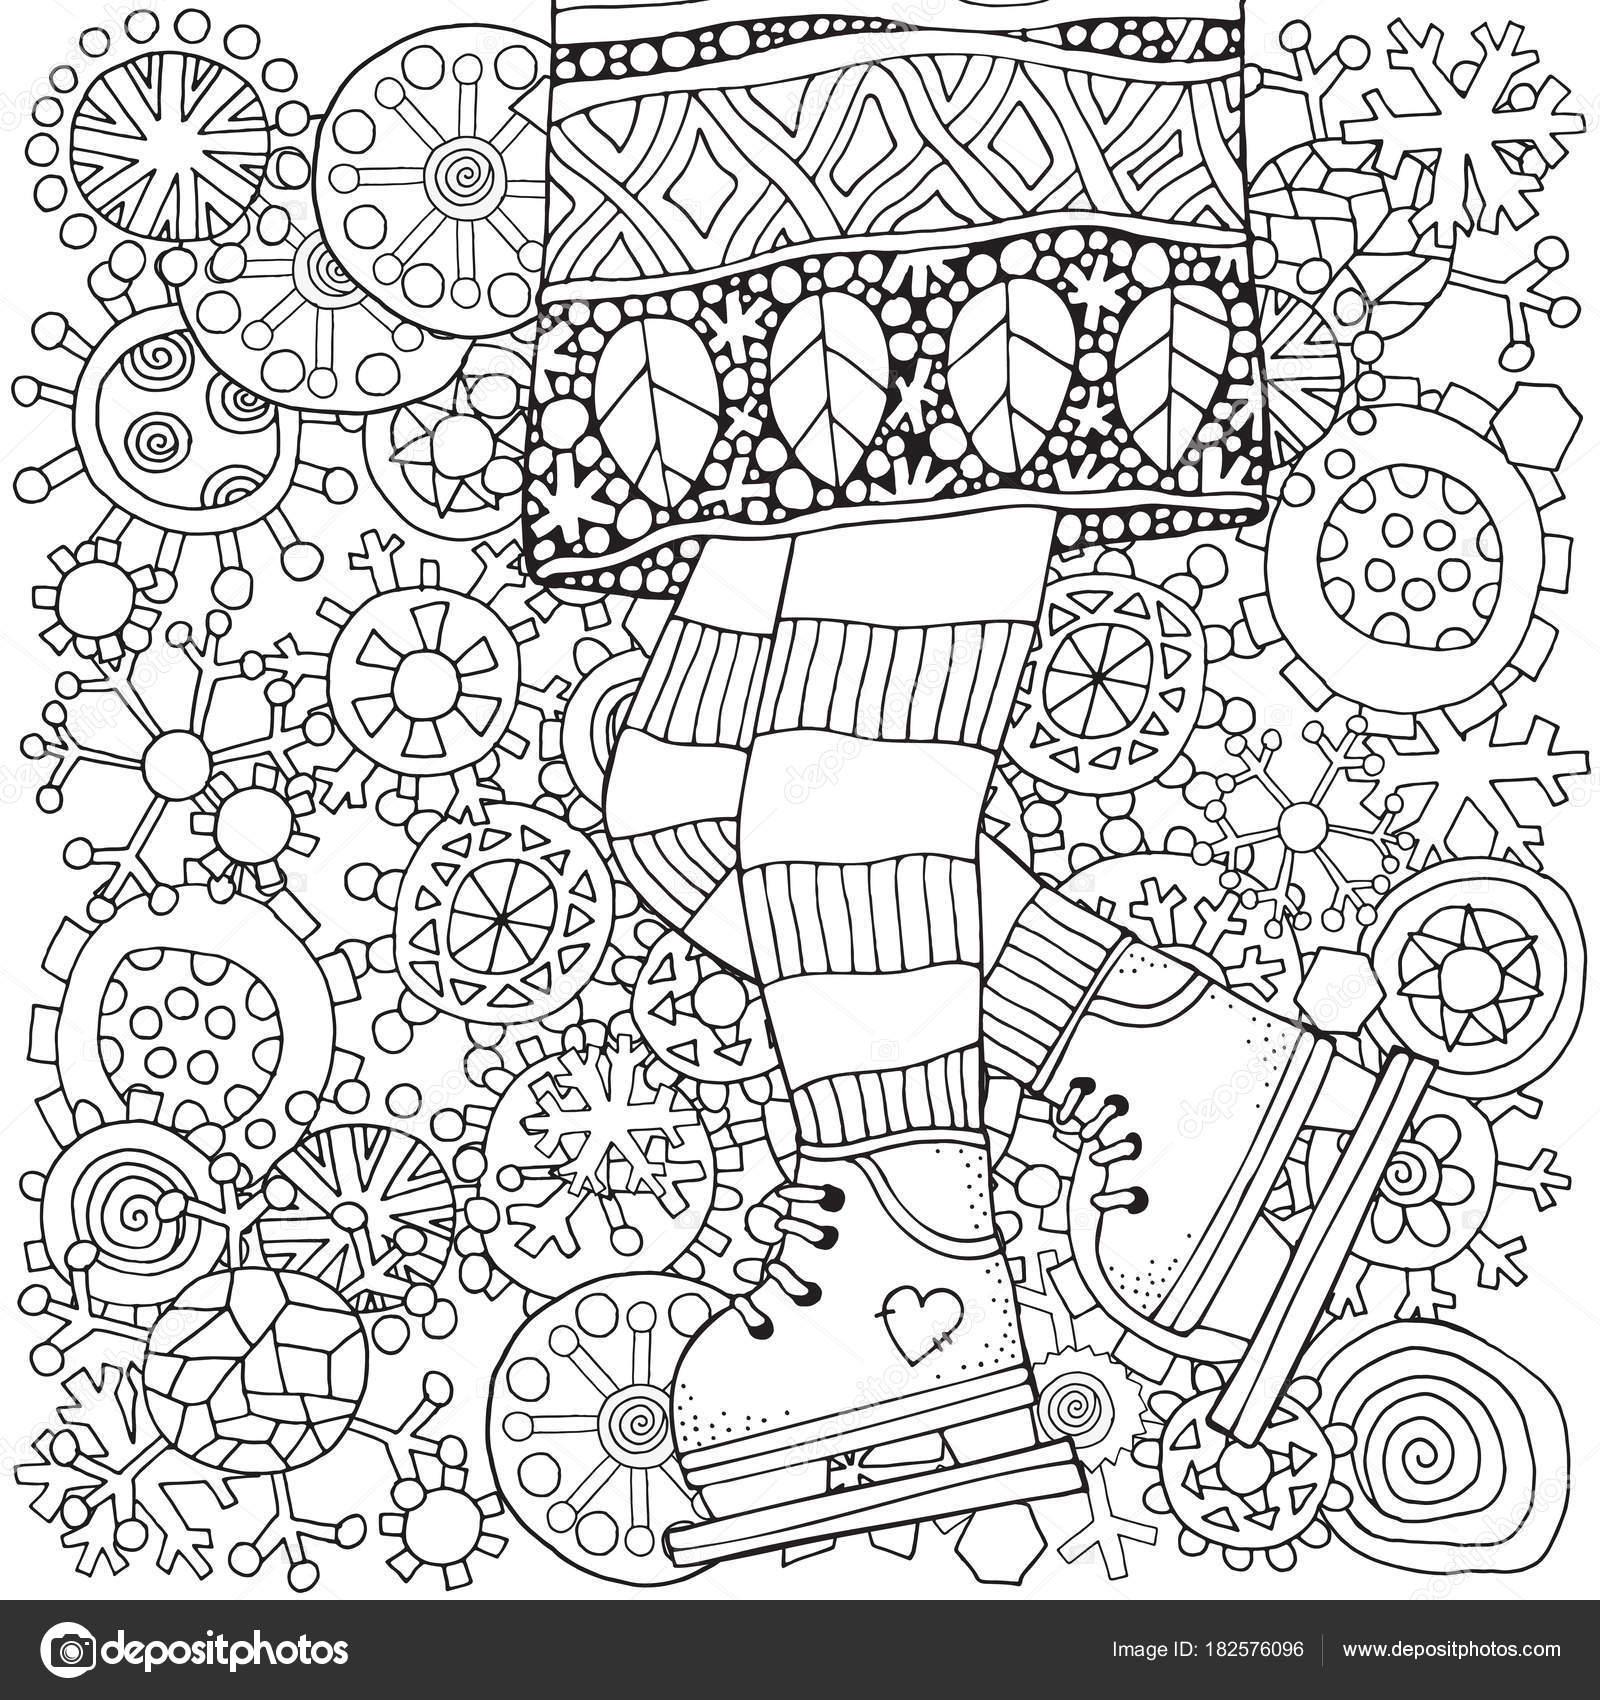 476cc149cea Winter Meisje Rolschaatsen Winter Sneeuwvlokken Volwassen Kleurplaat Boek  Vector Handgetekende — Stockvector